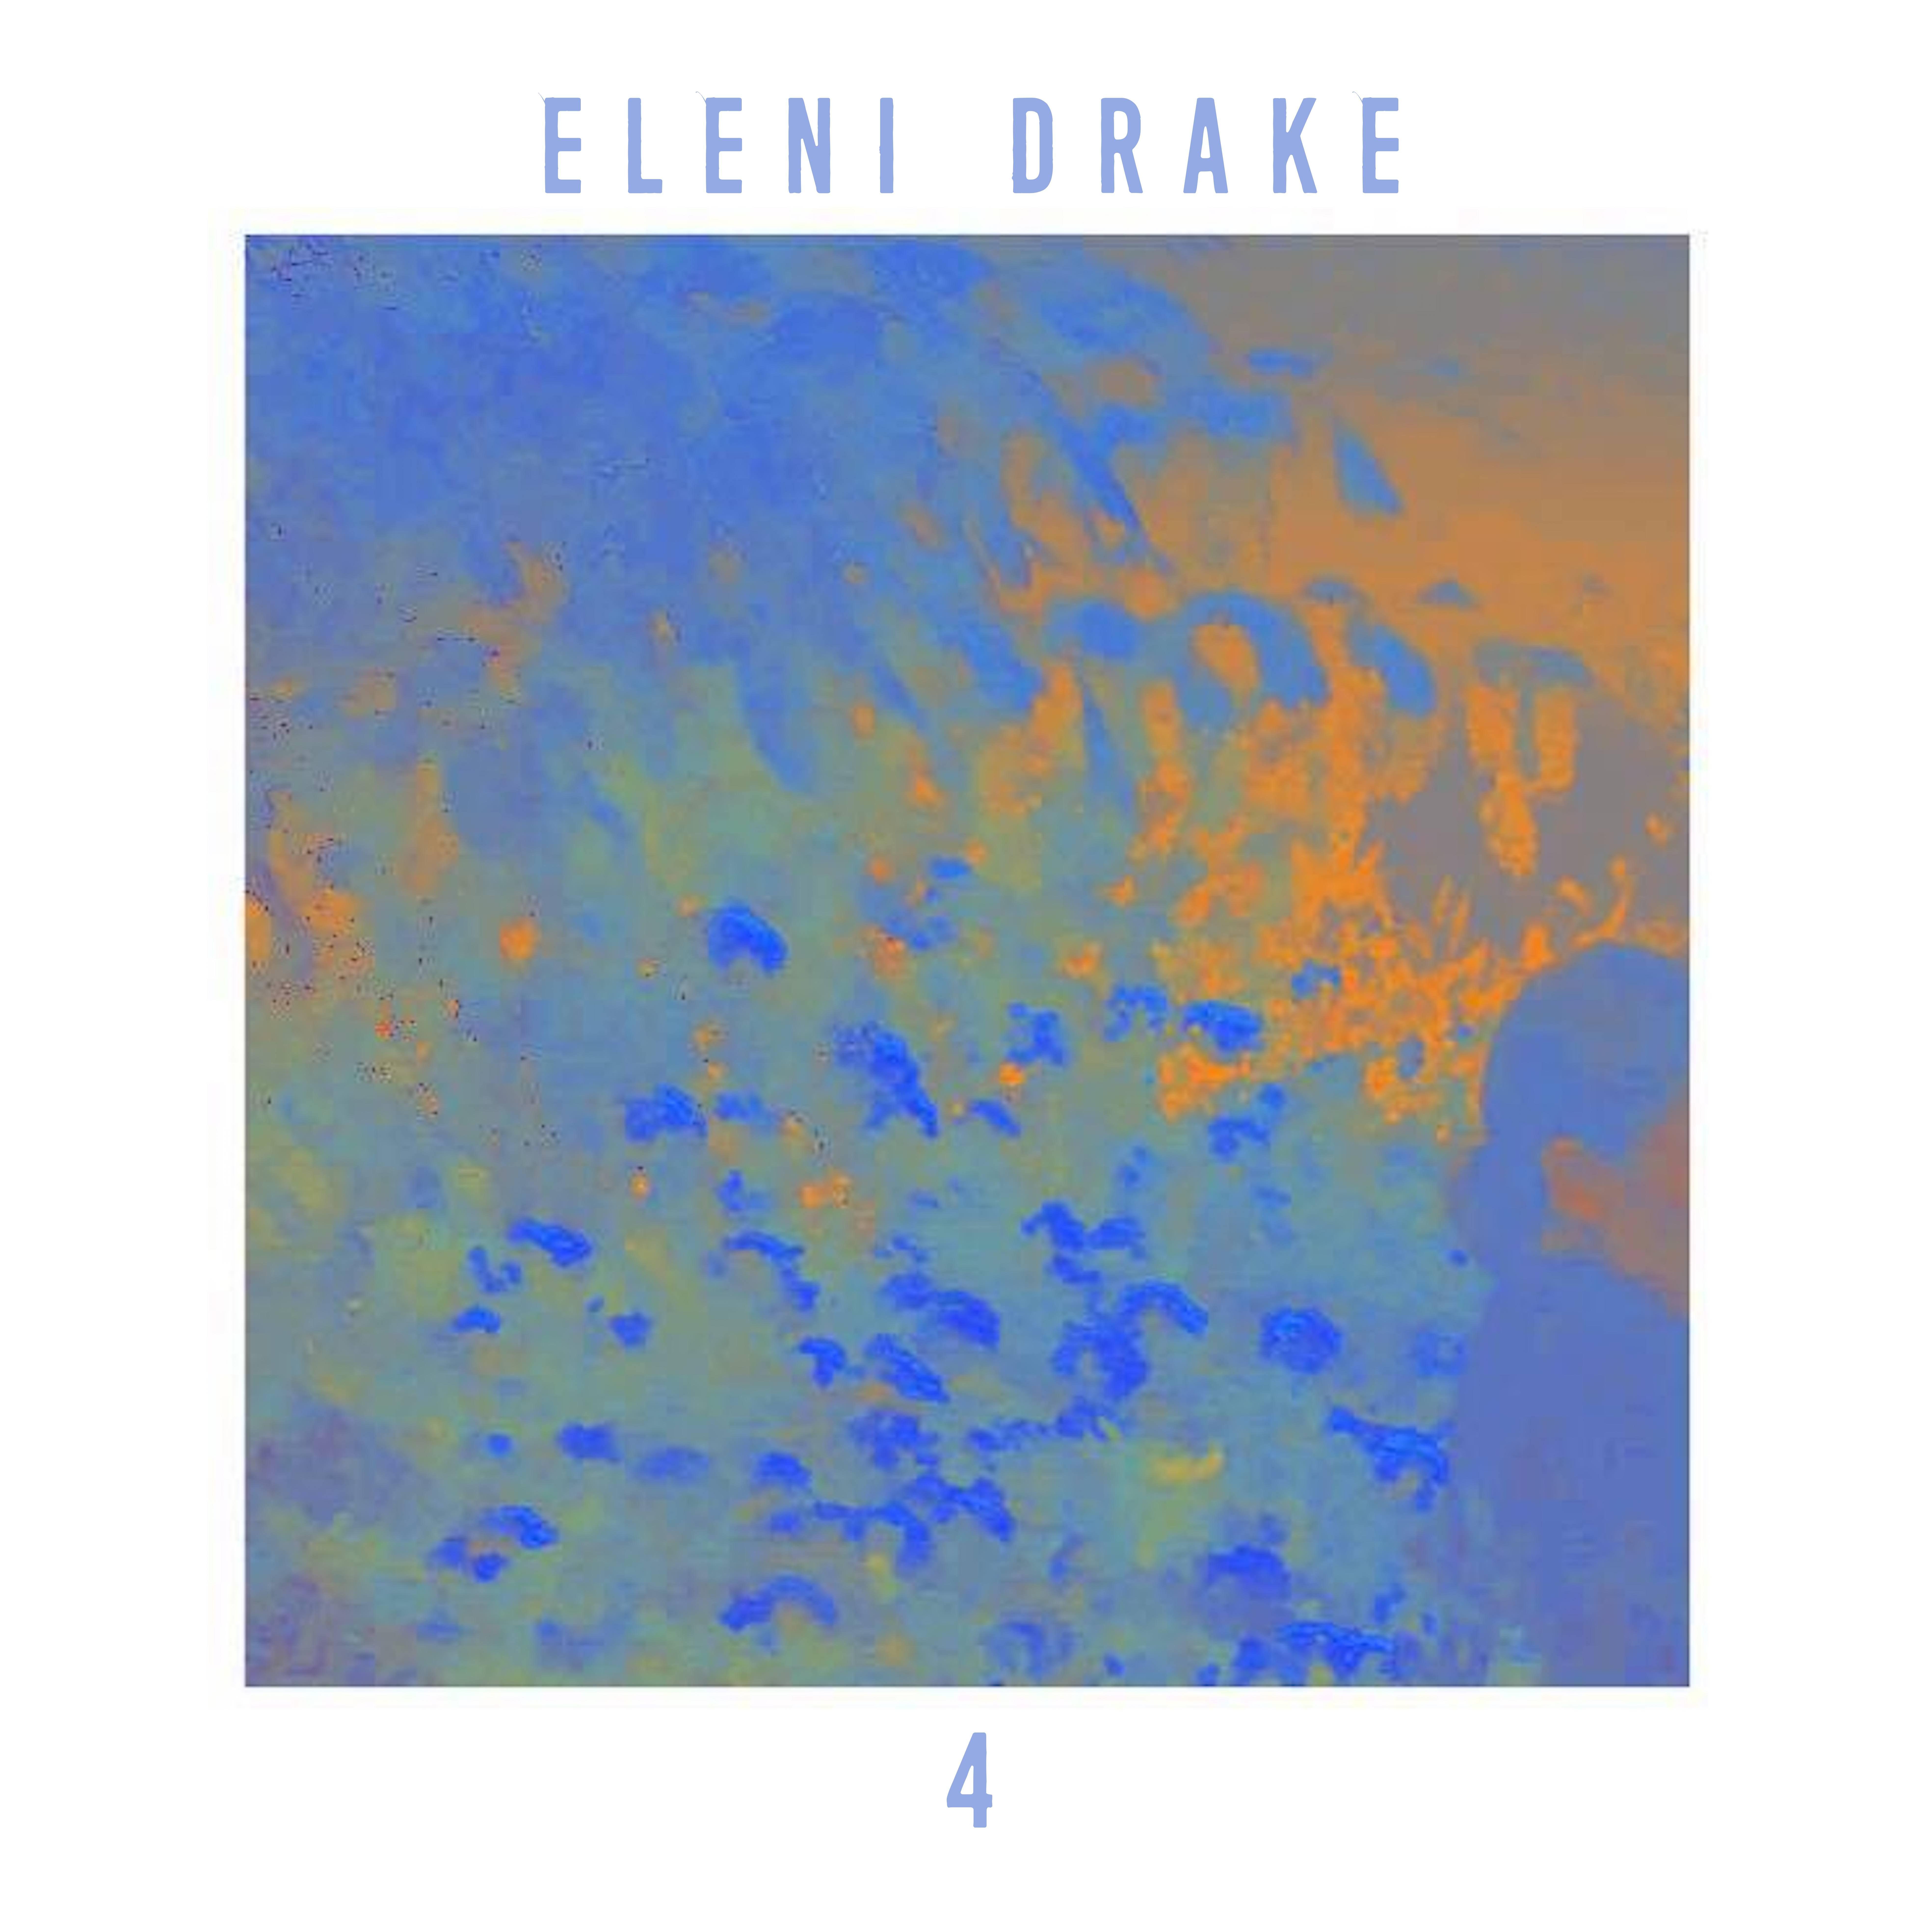 Eleni Drake, 4, Pickymagazine, Pickymagazin, Online, Indie, London, Hip Hop, Neo Soul, Chet Faker, Blog, Blogger, Musik